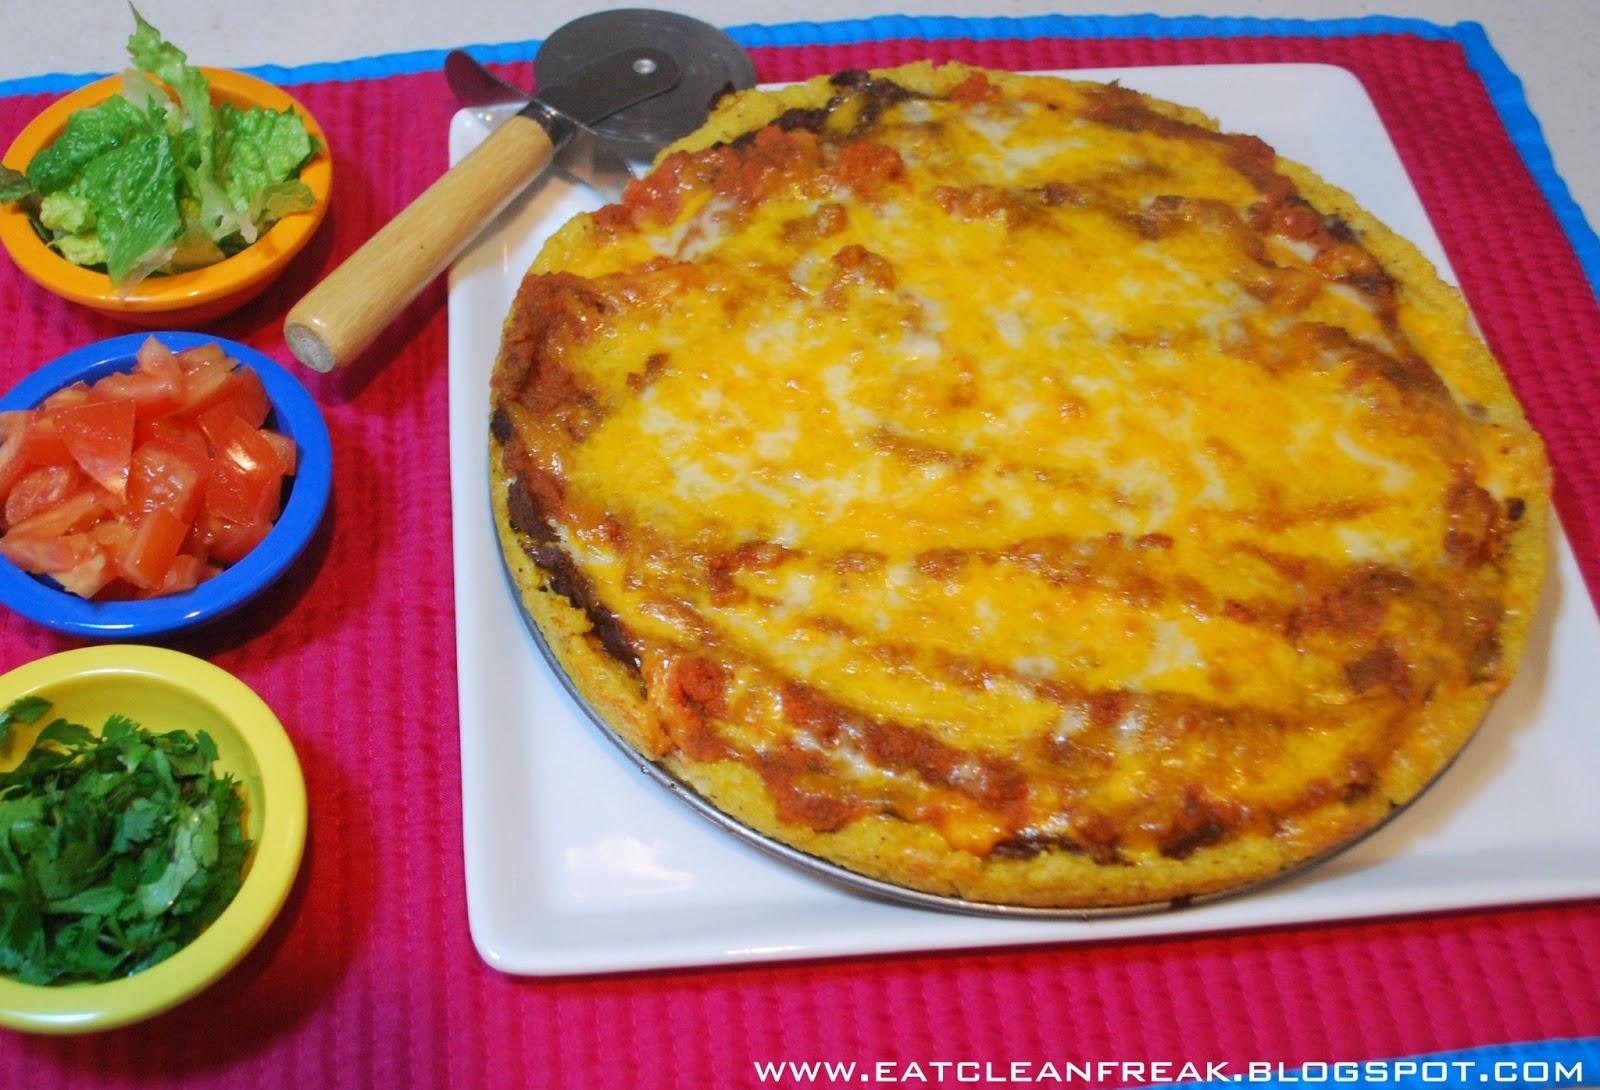 CLEAN FREAK: Gluten Free {clean} Tex-Mex Polenta Pizza